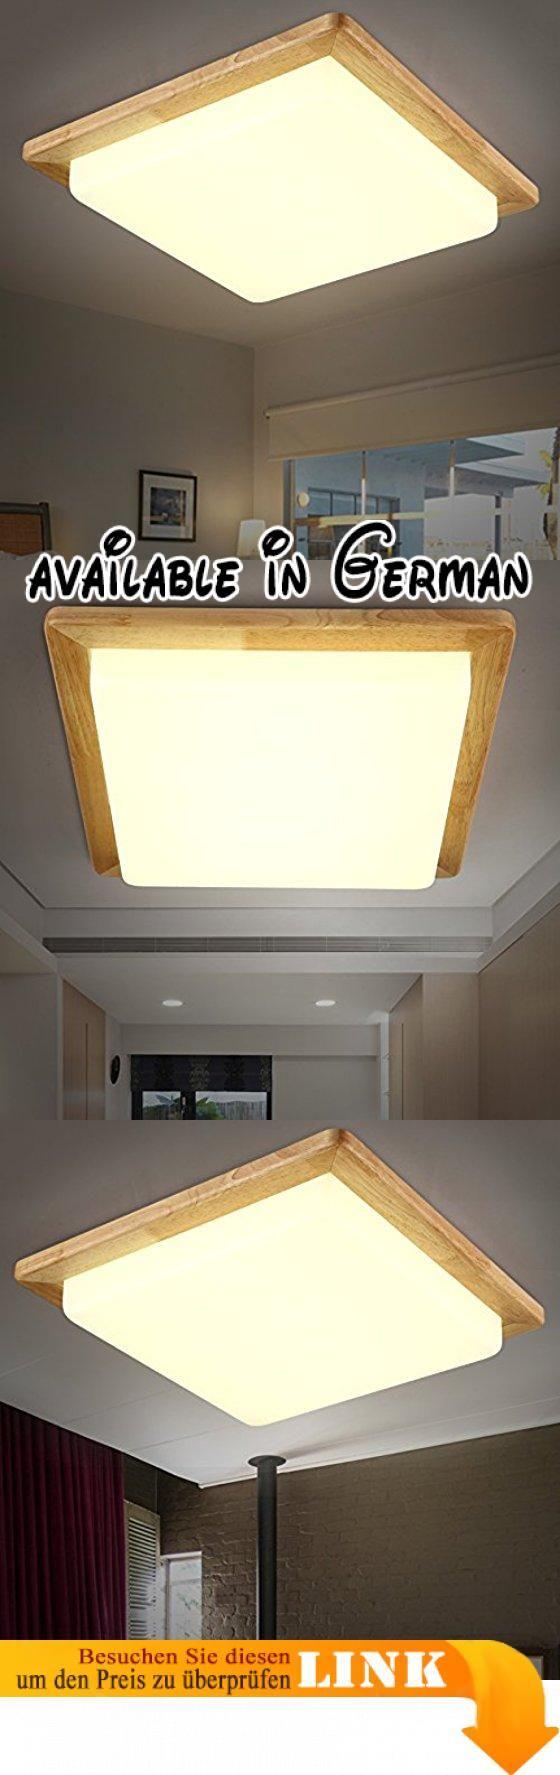 WAWZW LED-deckenlampe Pendelleuchte für Esszimmer Bad Schlafzimmer ...